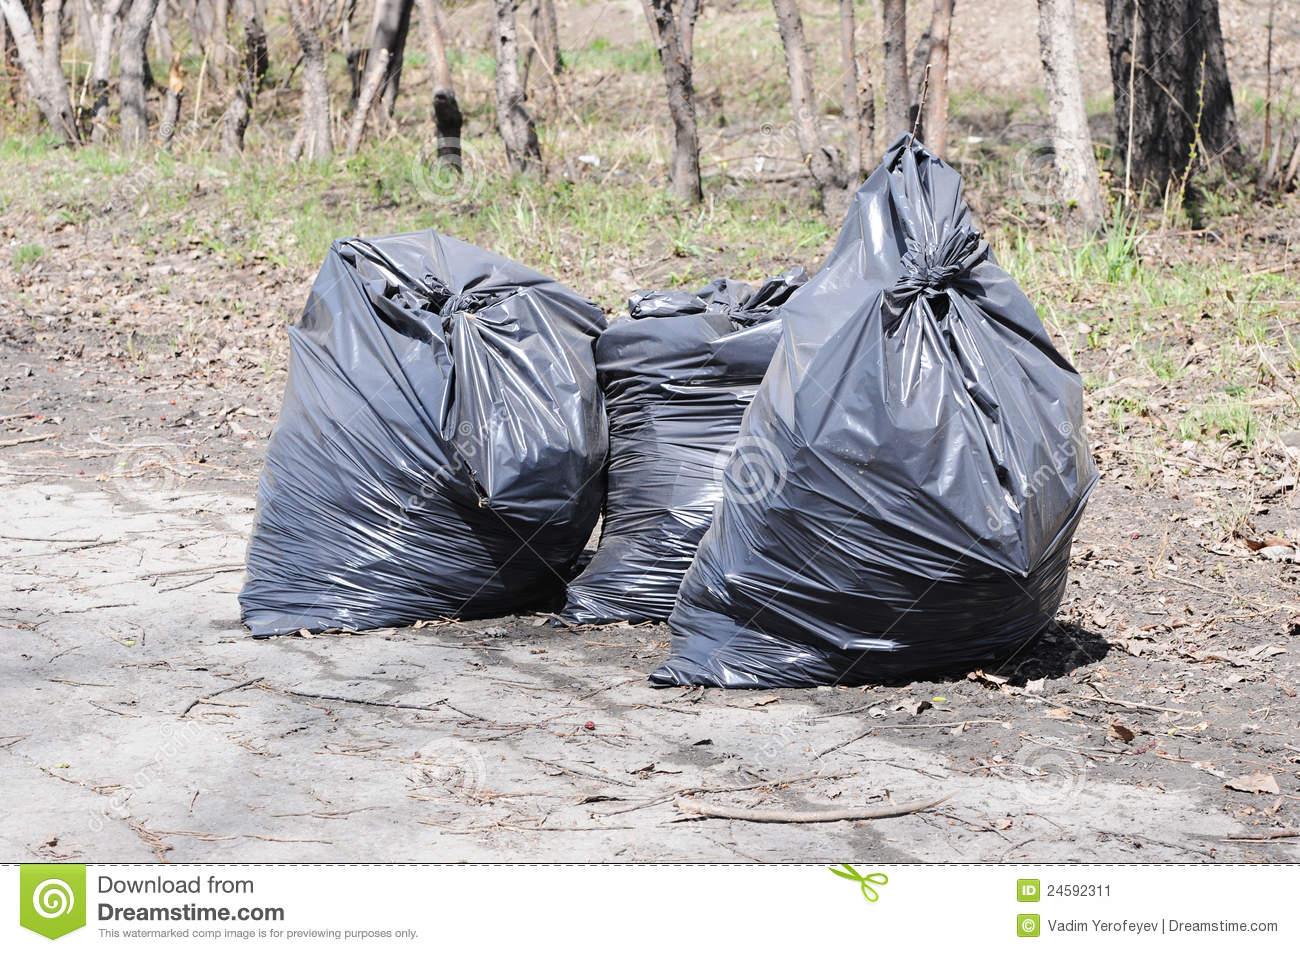 Kenya bans plastic bags - Eagle Online